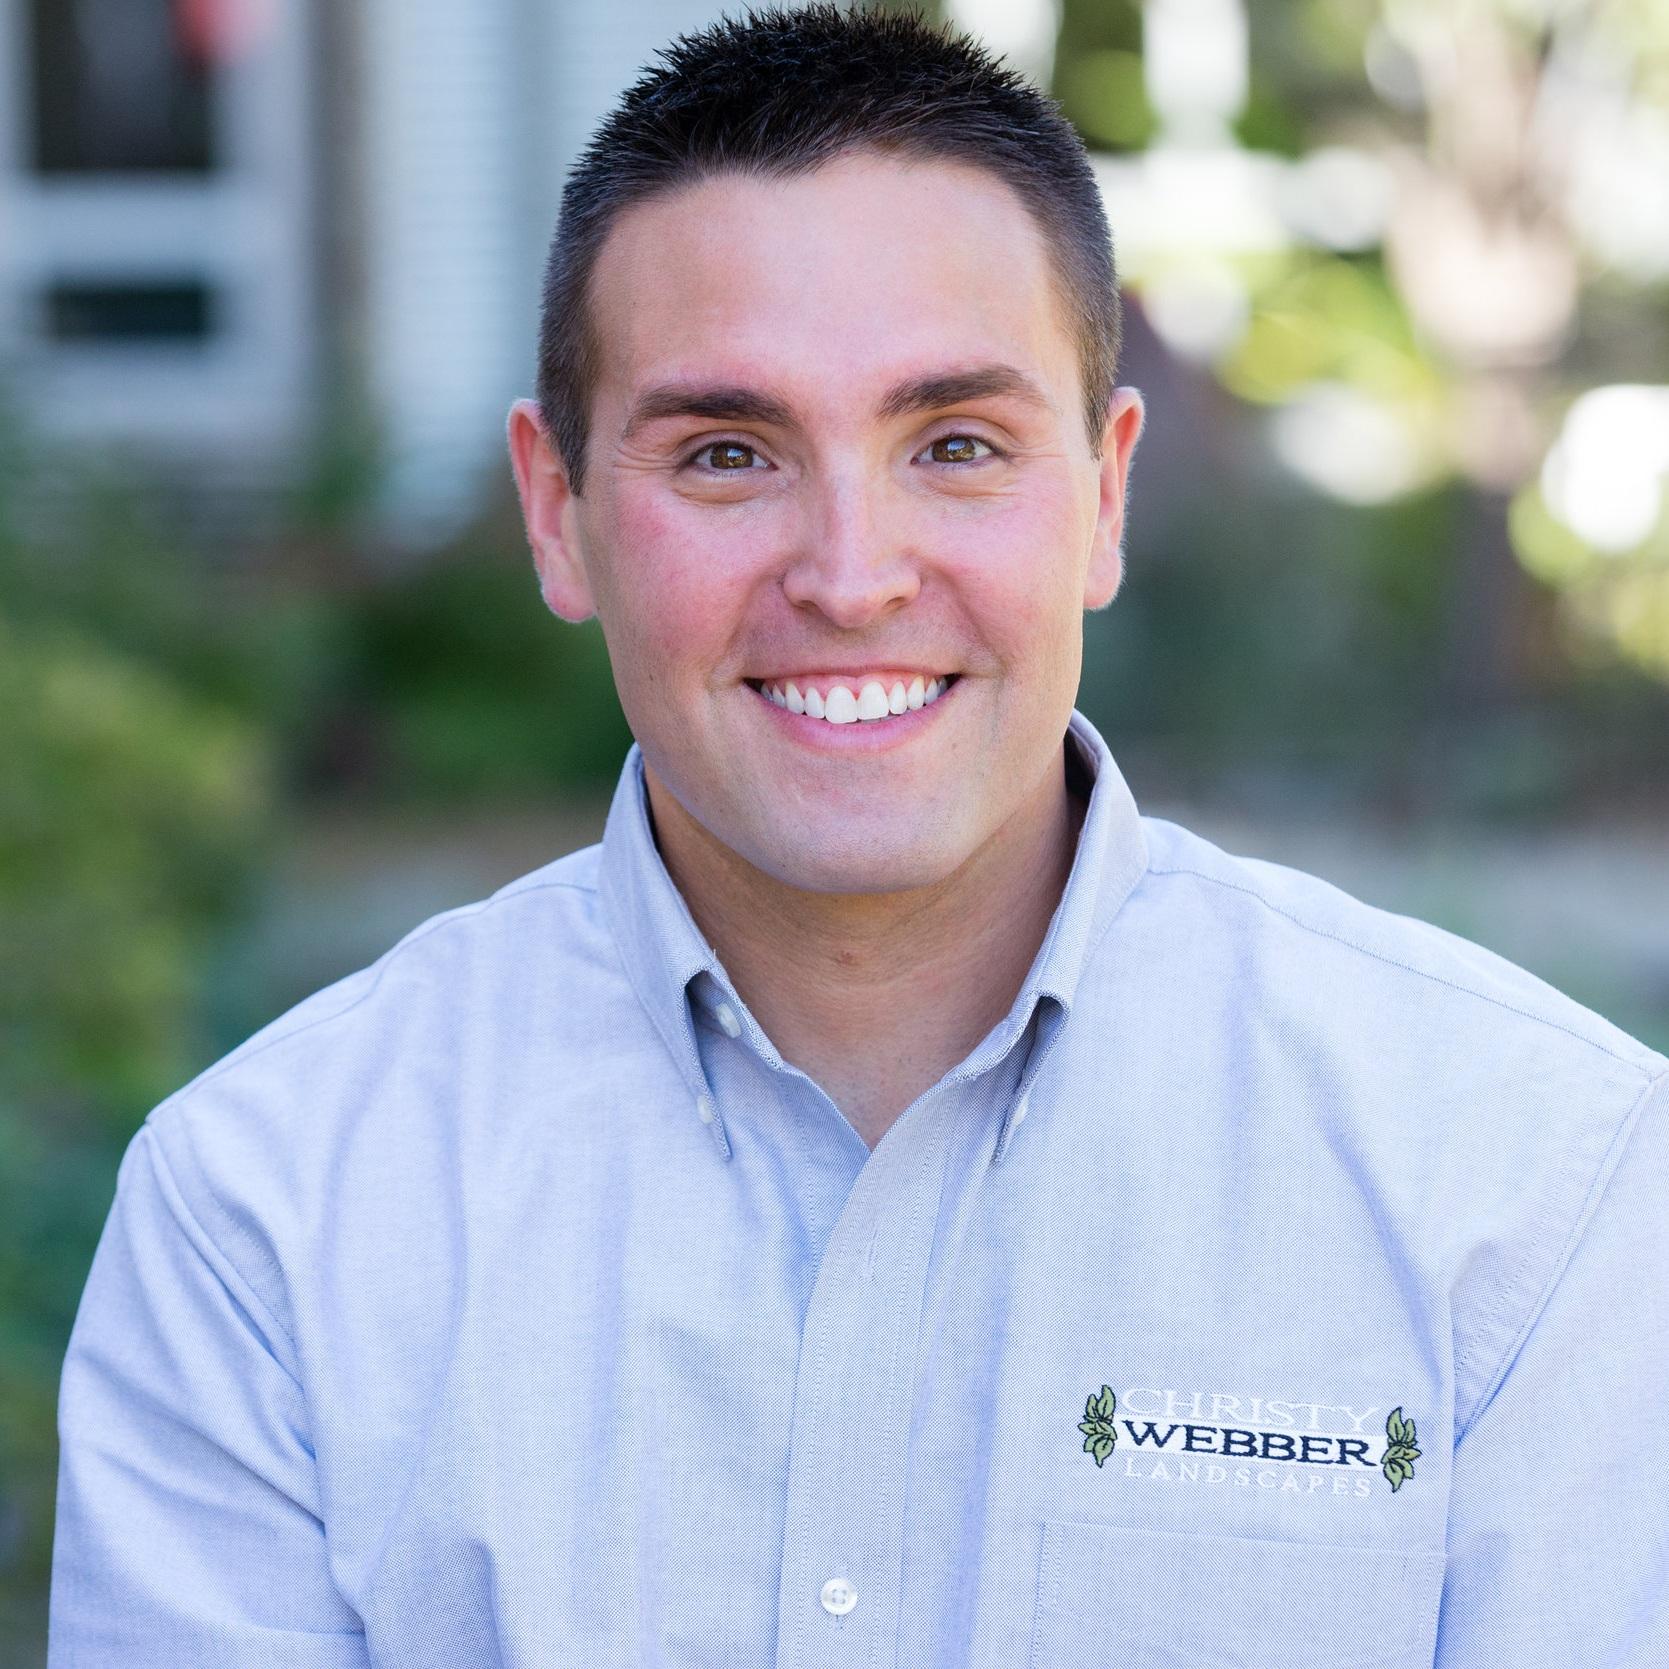 STEWART PARAZAIDER  Account Manager   stewart.parazaider@christywebber.com